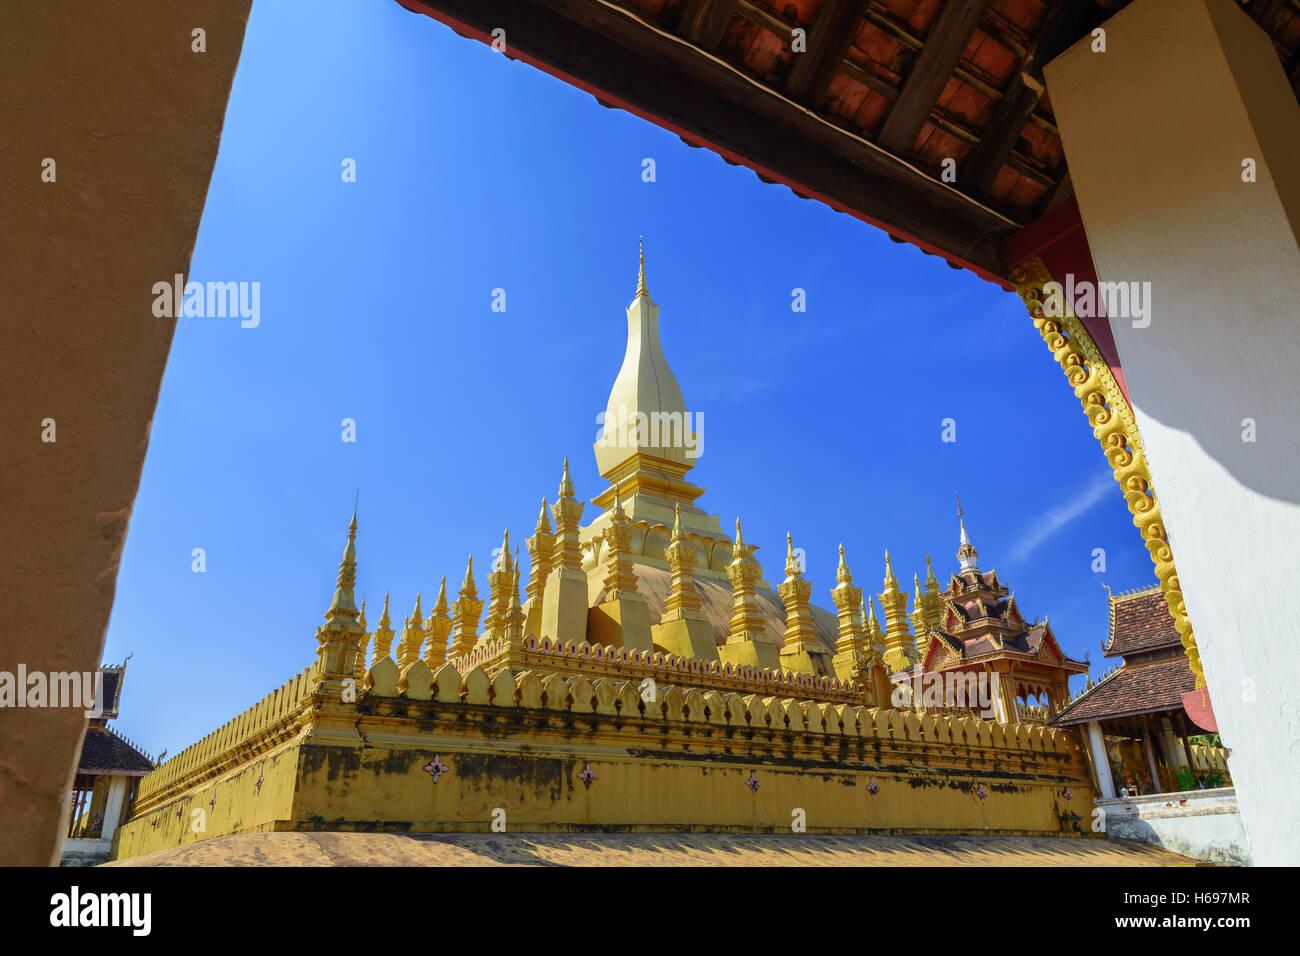 Pha That Luang Vientiane Landmarks of Vientiane, Laos - Stock Image